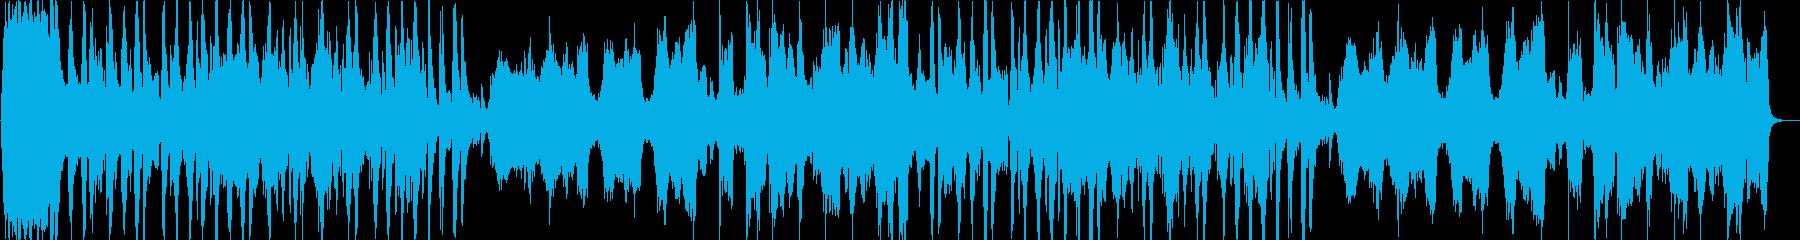 宇宙・軍隊をイメージする壮大なオーケストの再生済みの波形